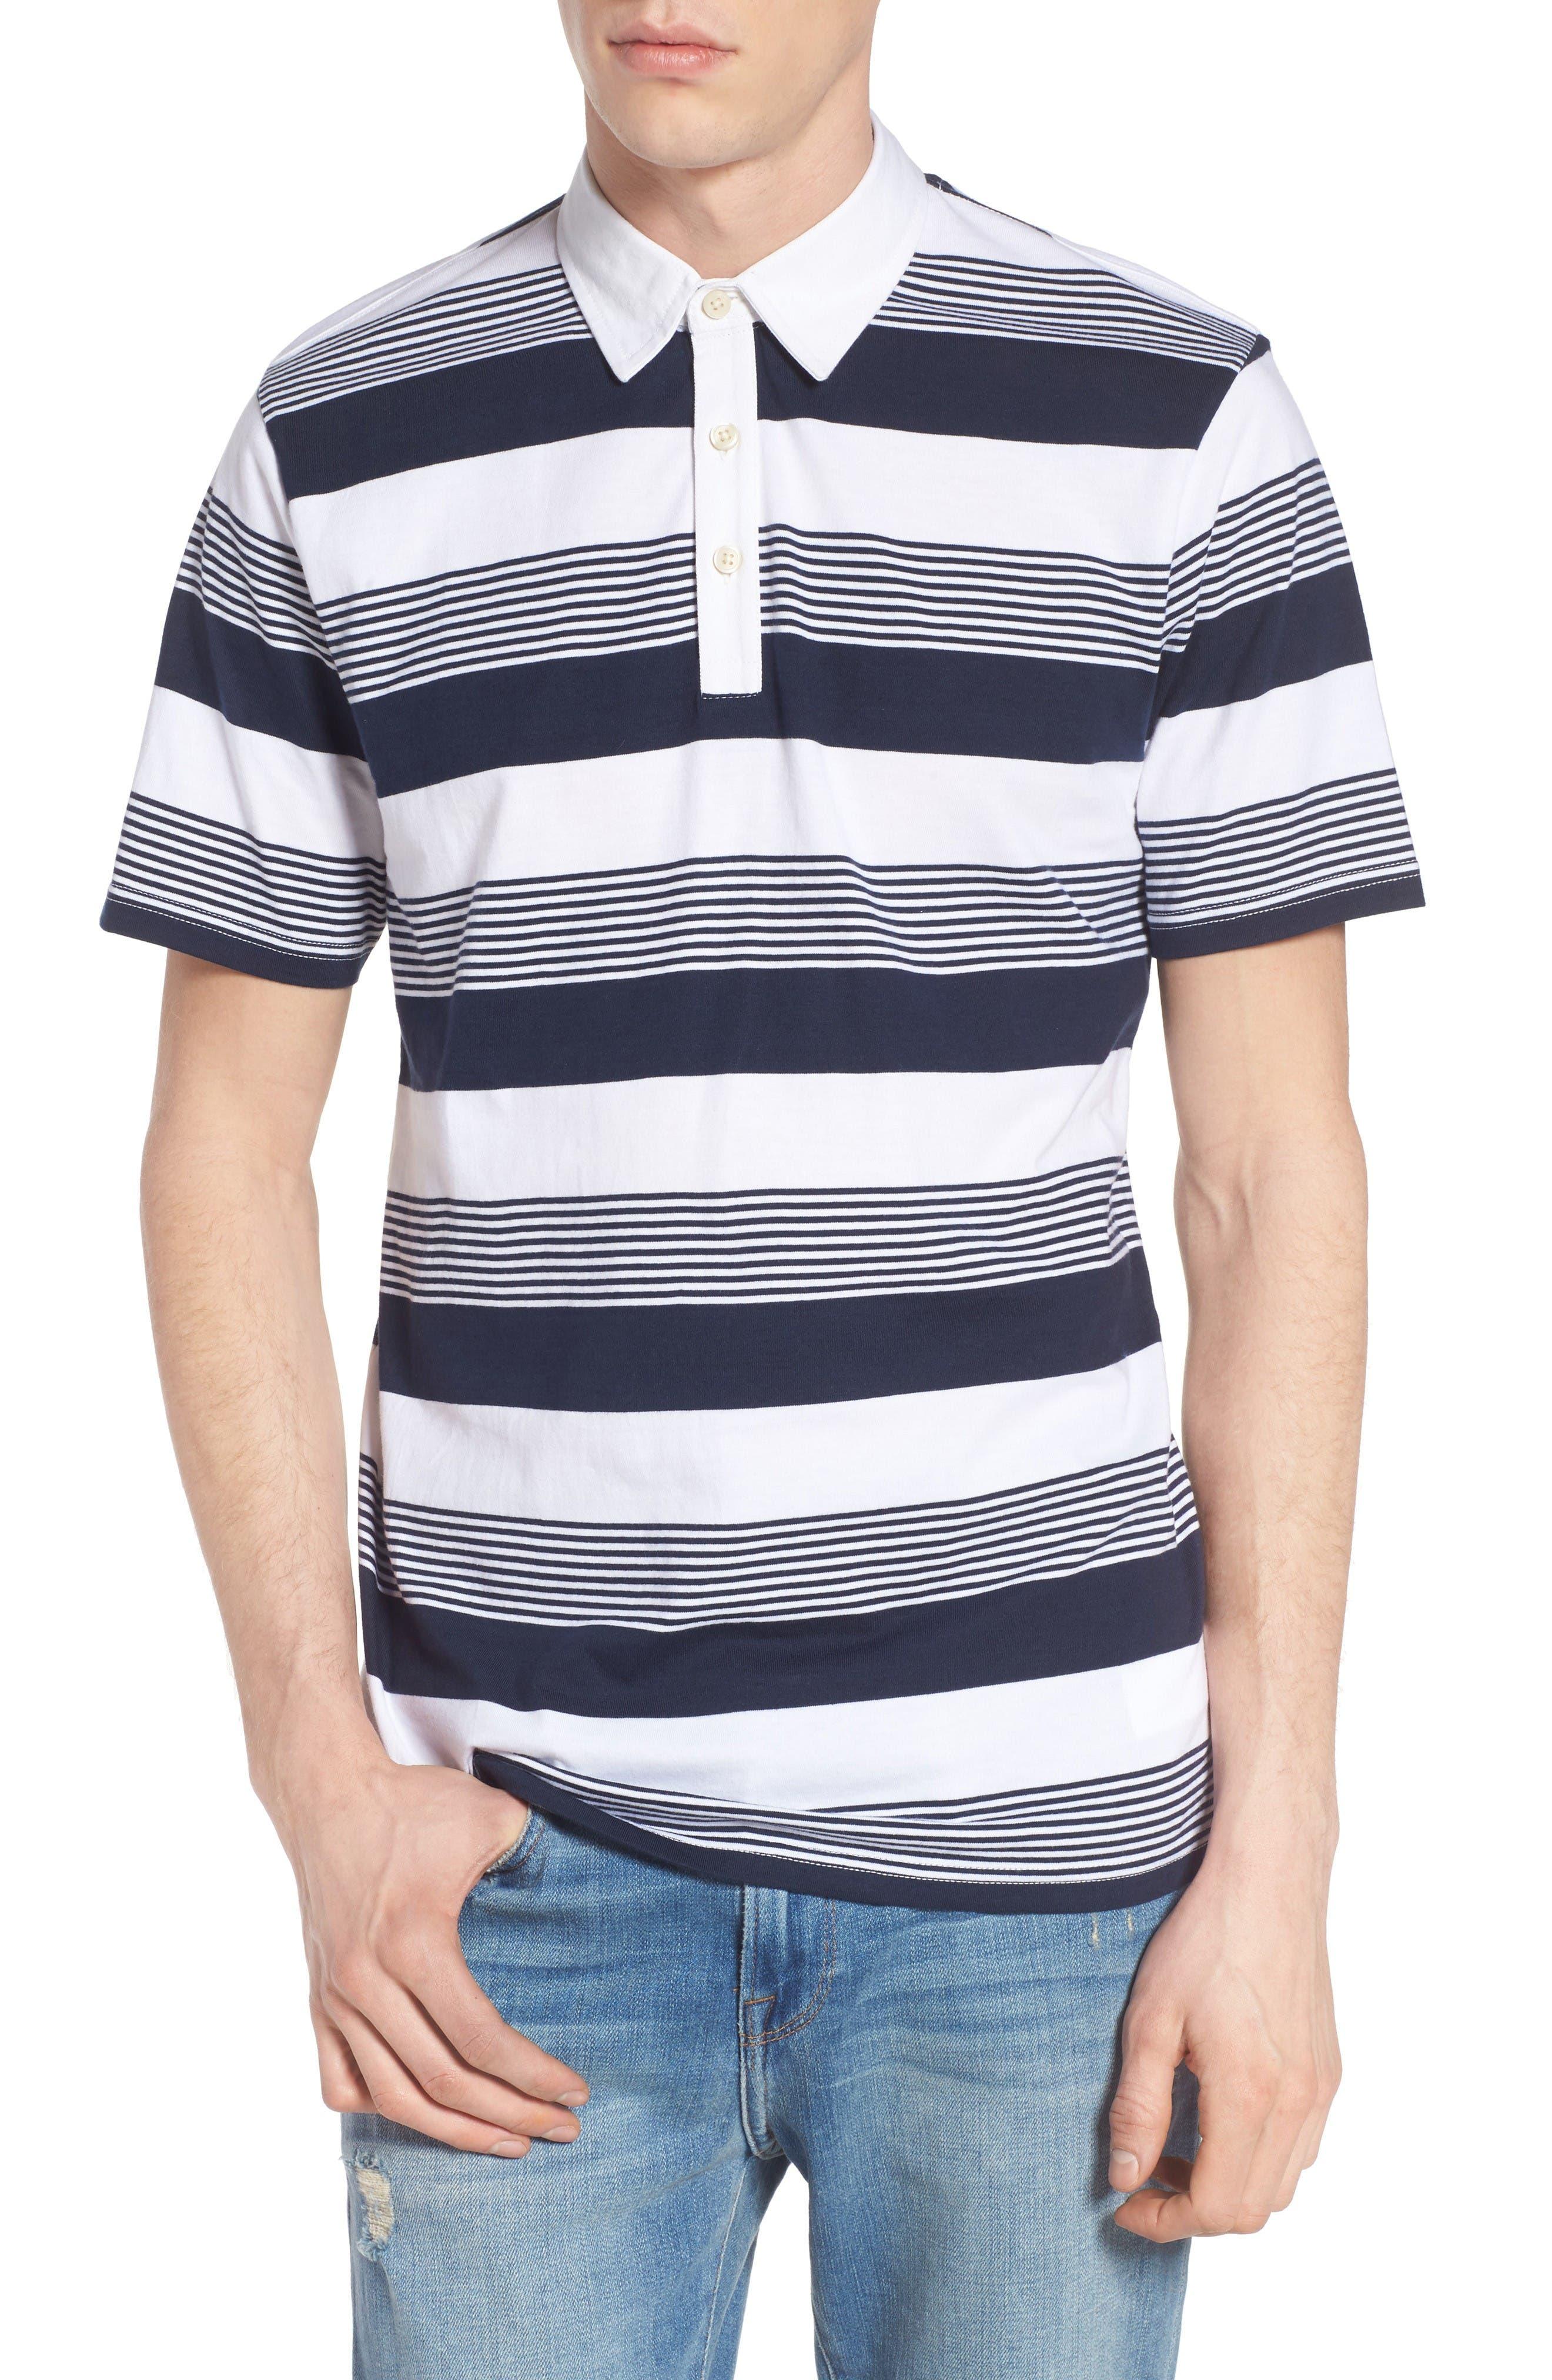 Vans Chima Stripe Jersey Polo